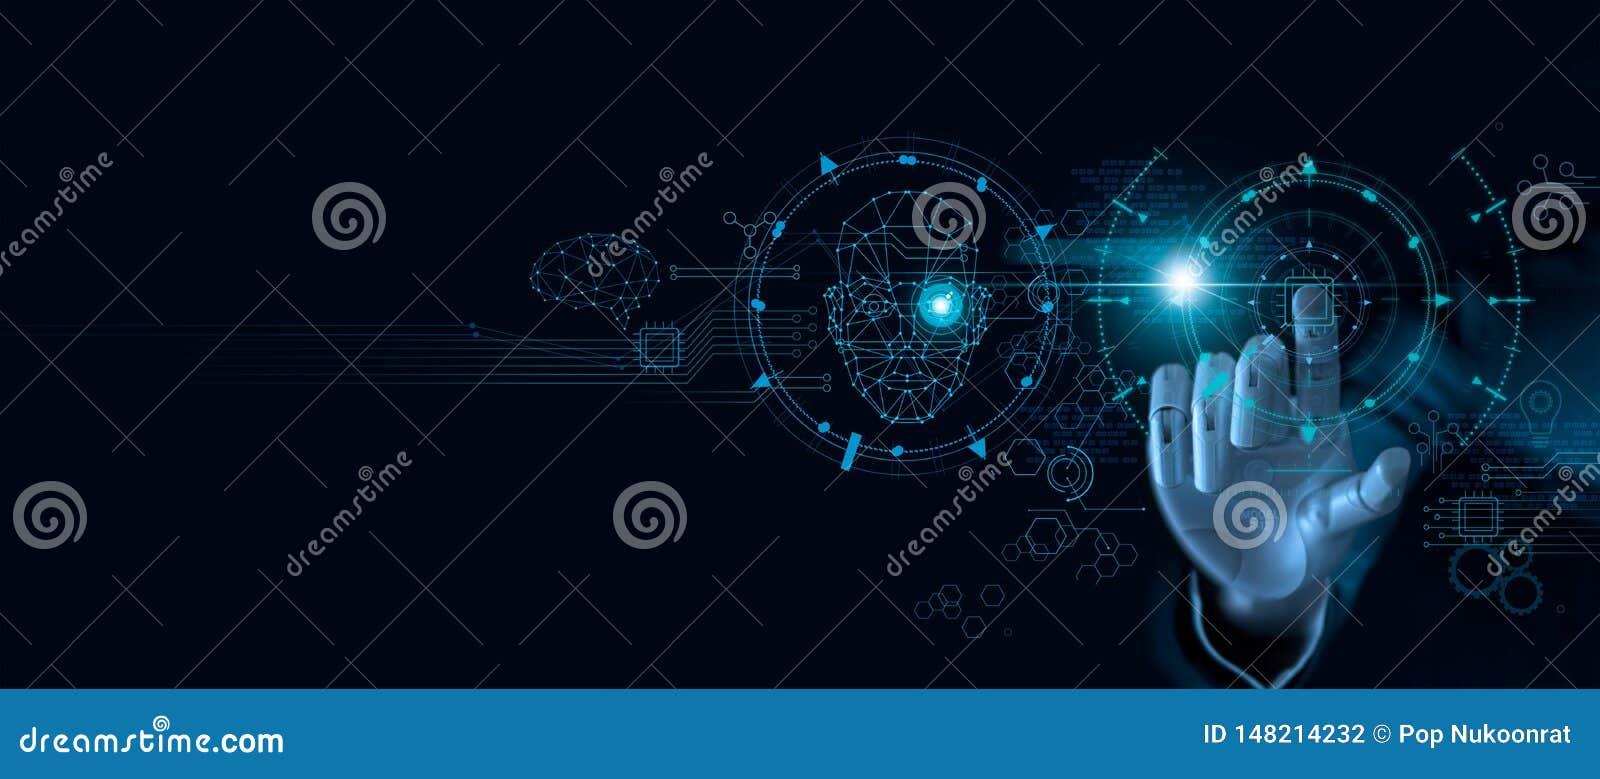 Εκμάθηση μηχανών Χέρι του ρομπότ που αγγίζει στο τσιπ υπολογιστή και τα δυαδικά στοιχεία Φουτουριστική τεχνητή νοημοσύνη AI